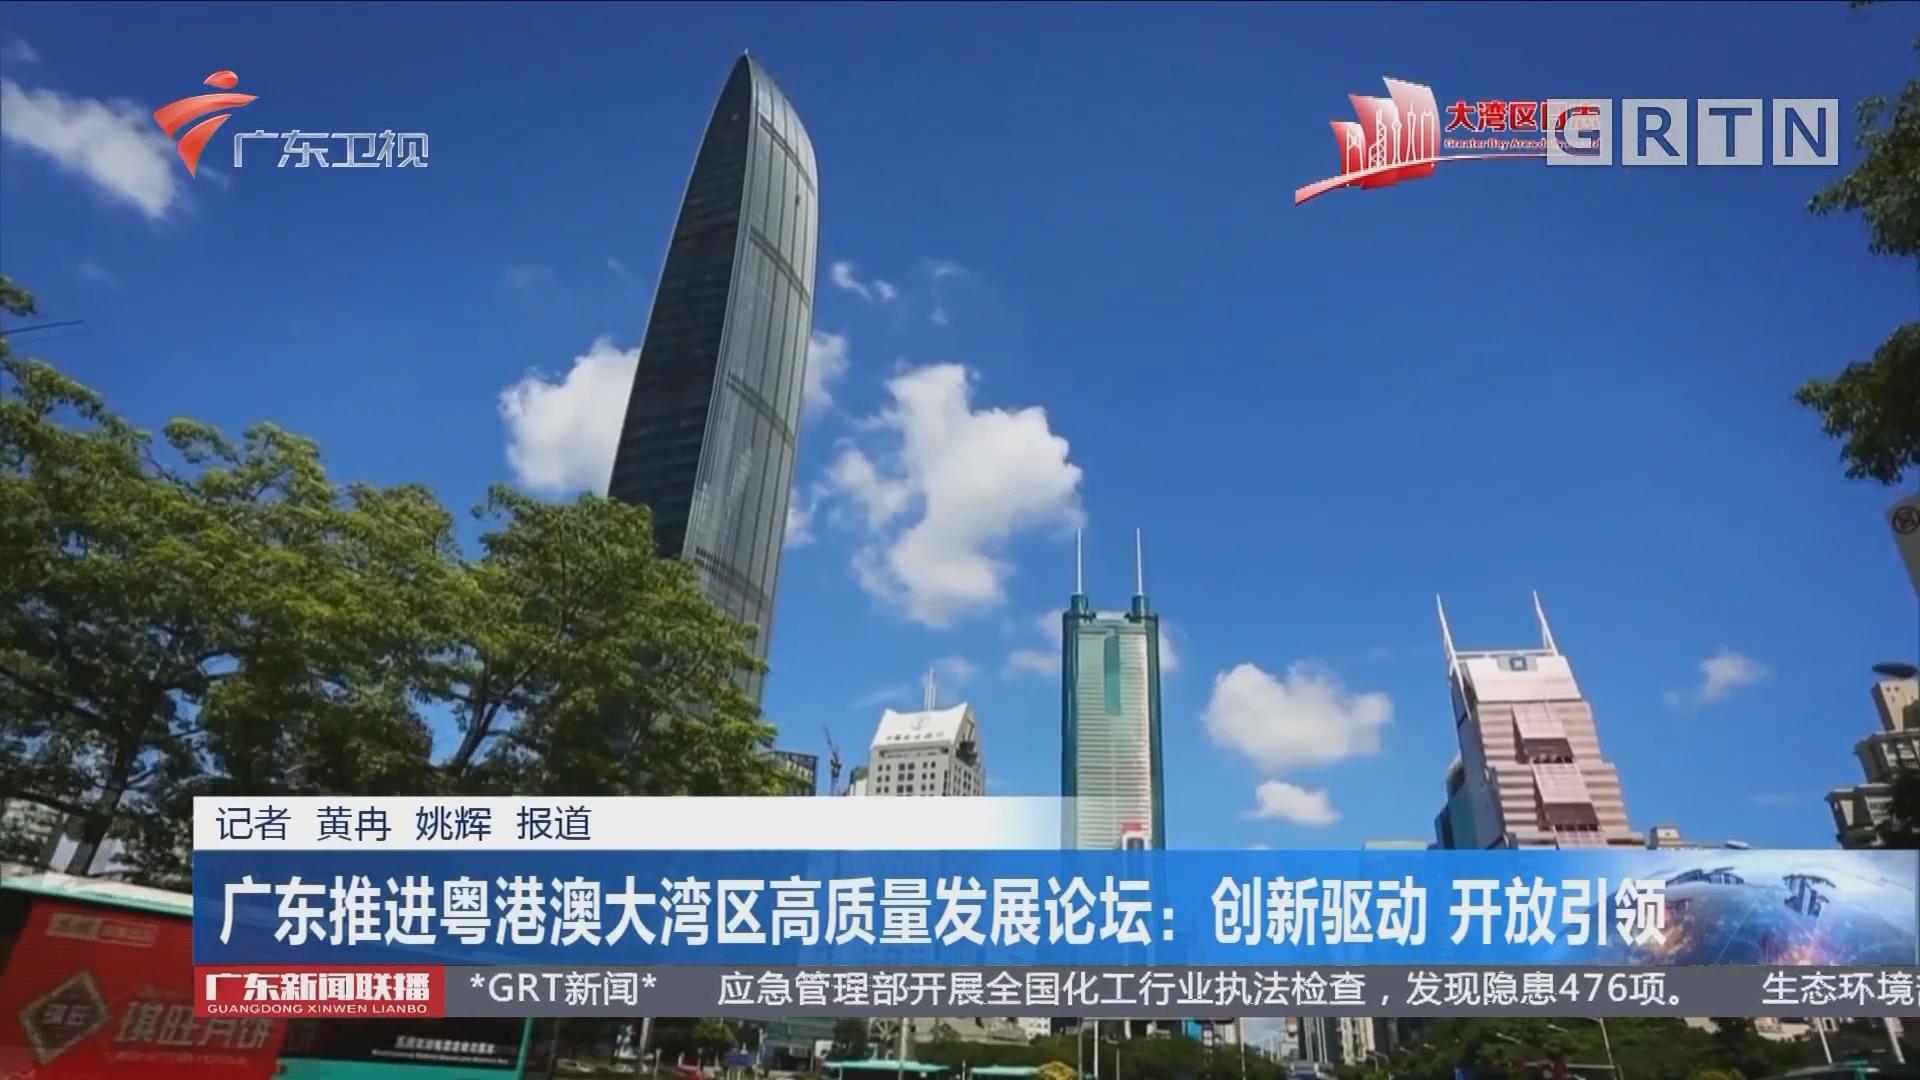 广东推进粤港澳大湾区高质量发展论坛:创新驱动 开放引领